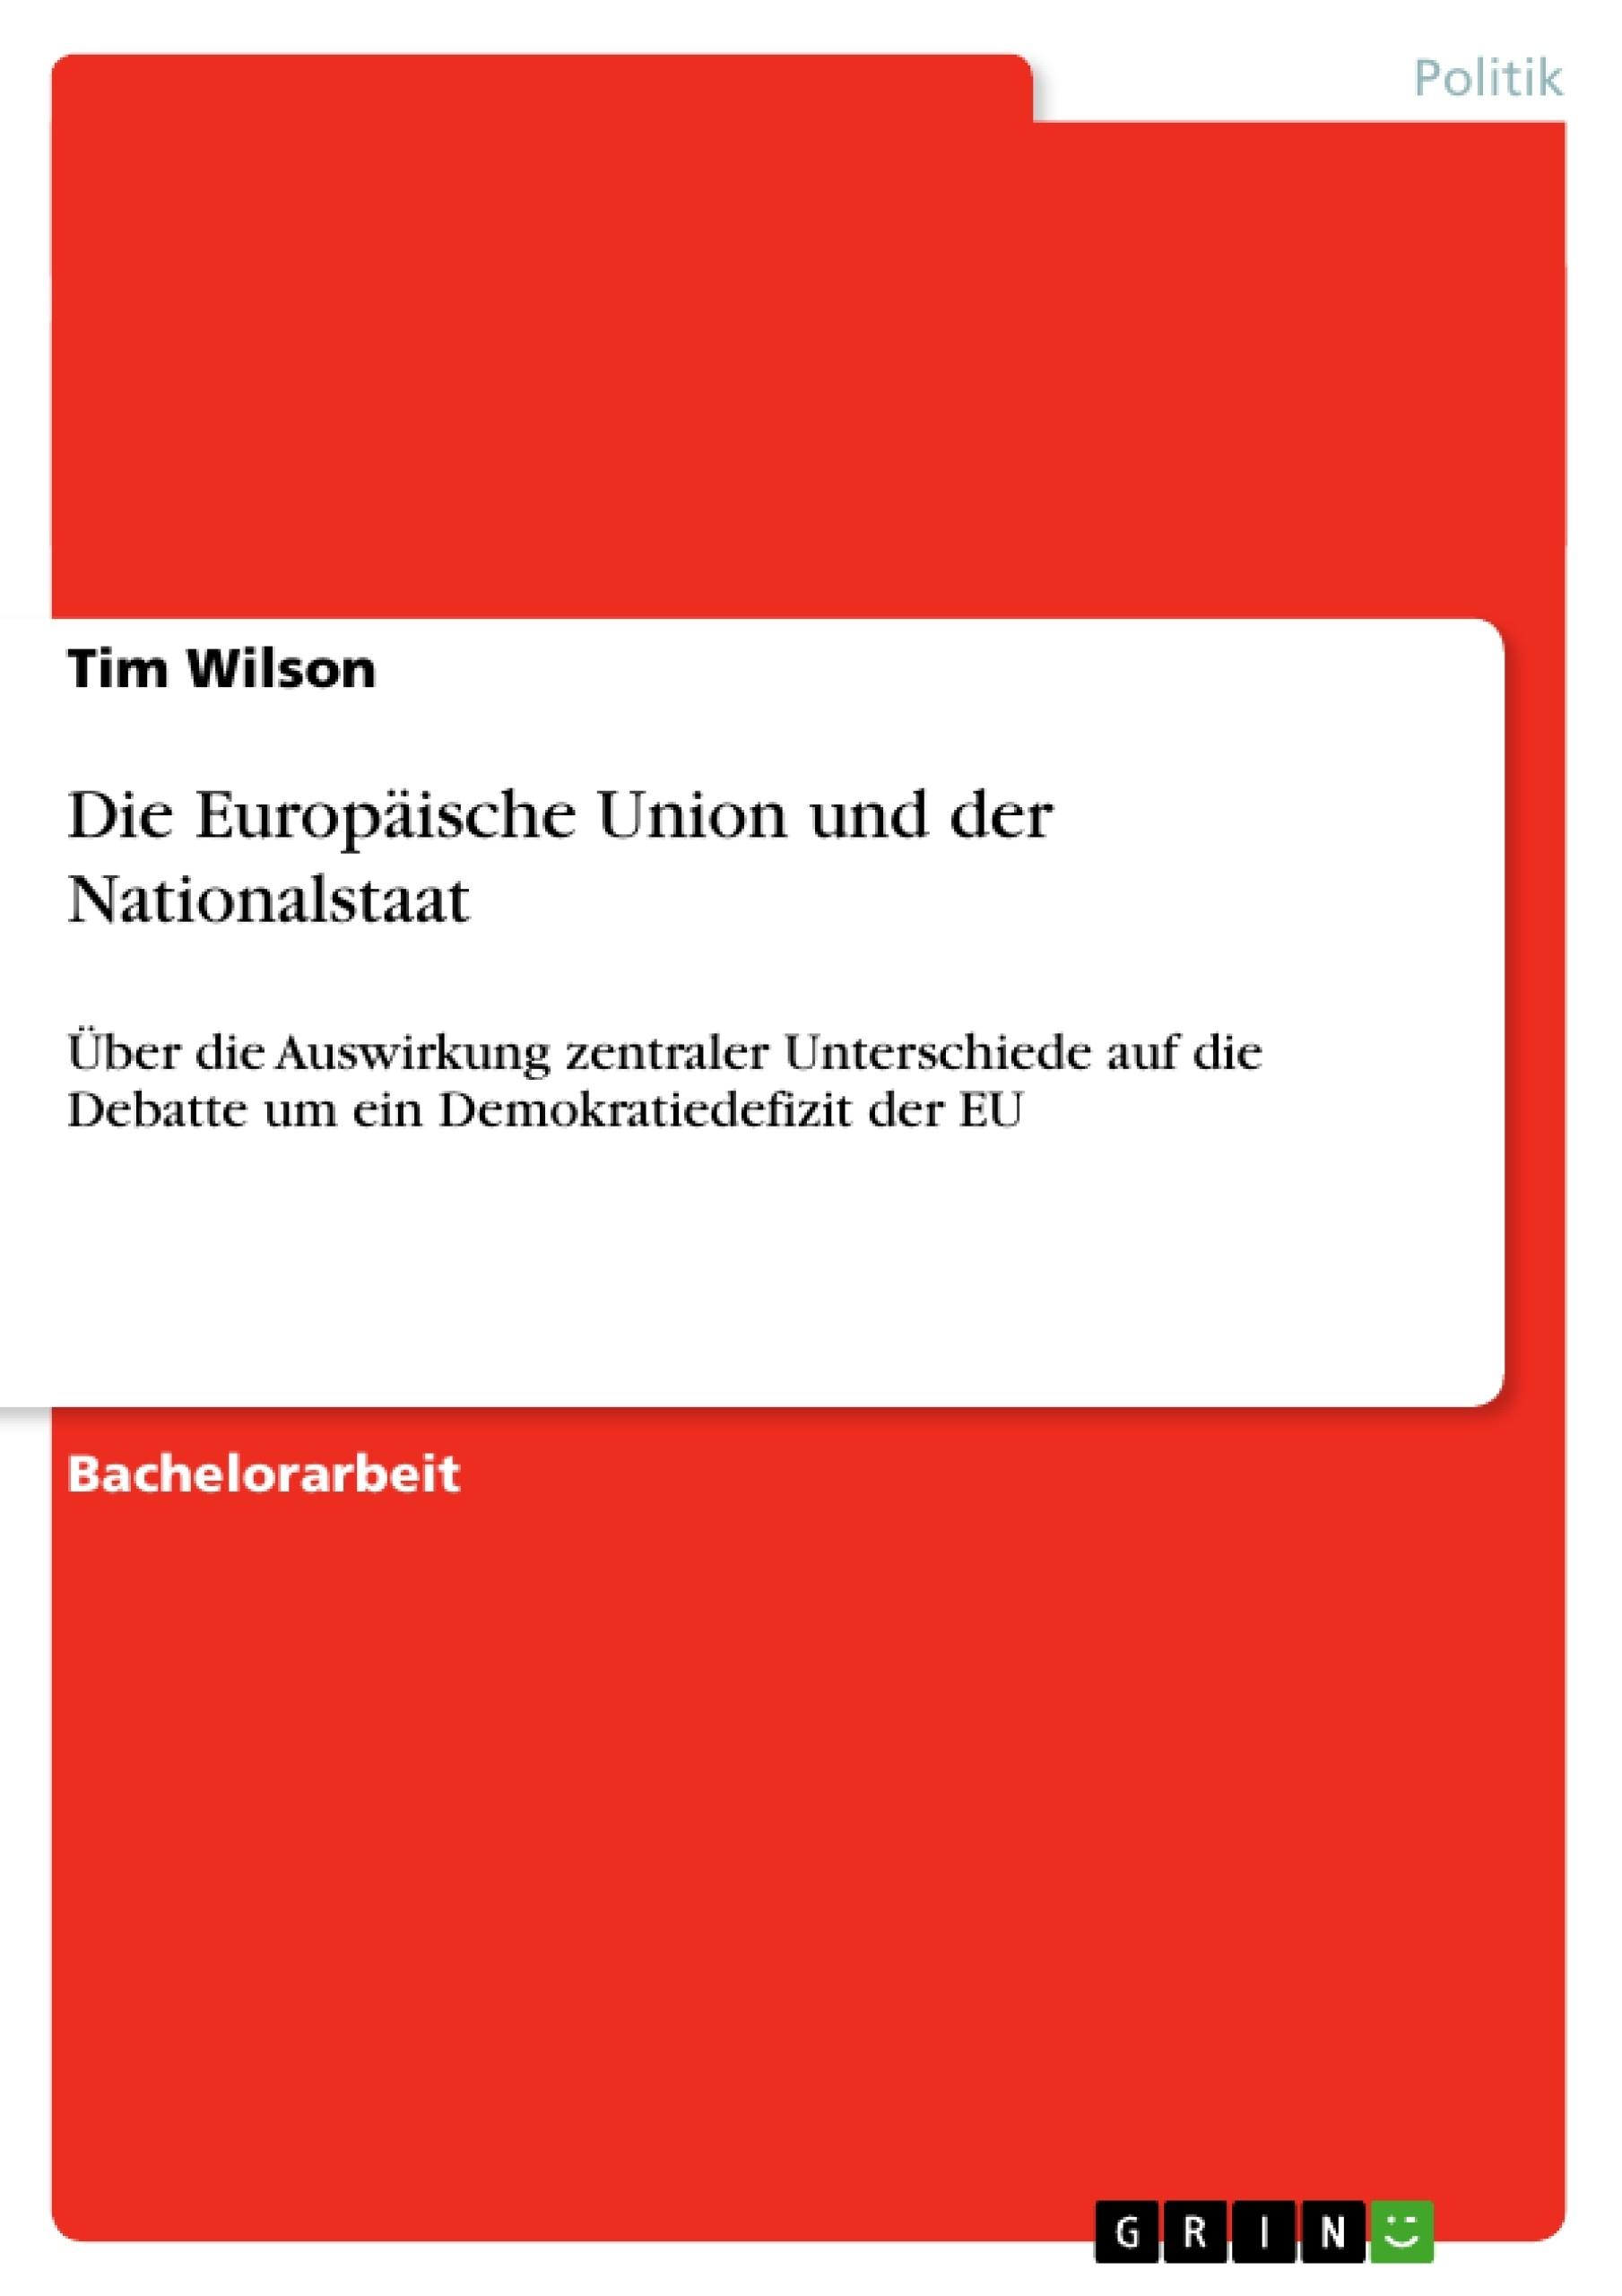 Titel: Die Europäische Union und der Nationalstaat